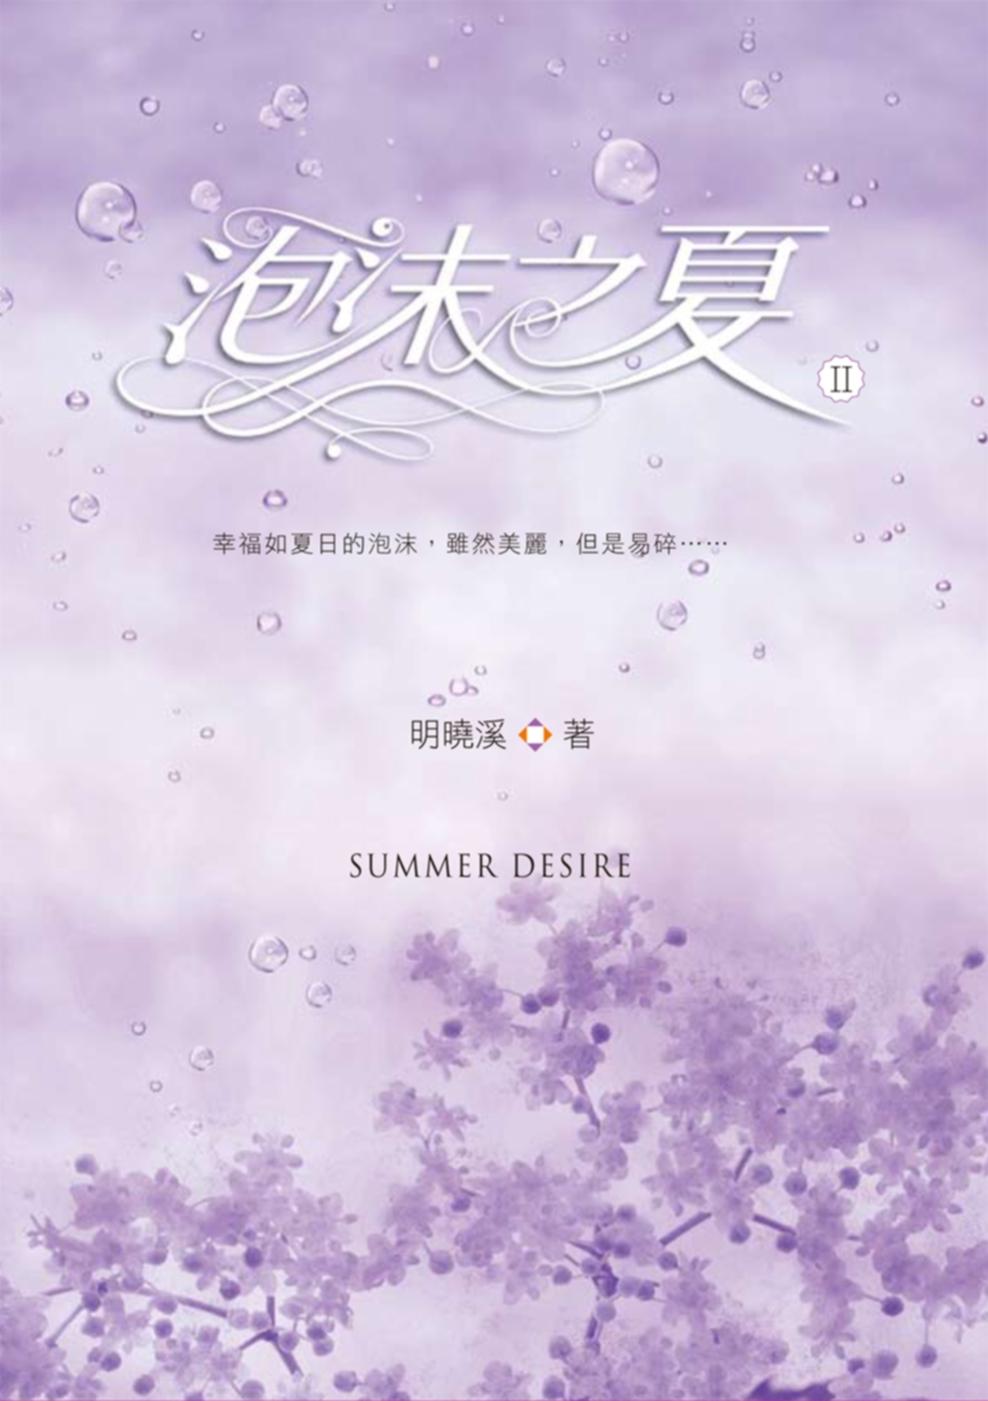 泡沫之夏Ⅱ